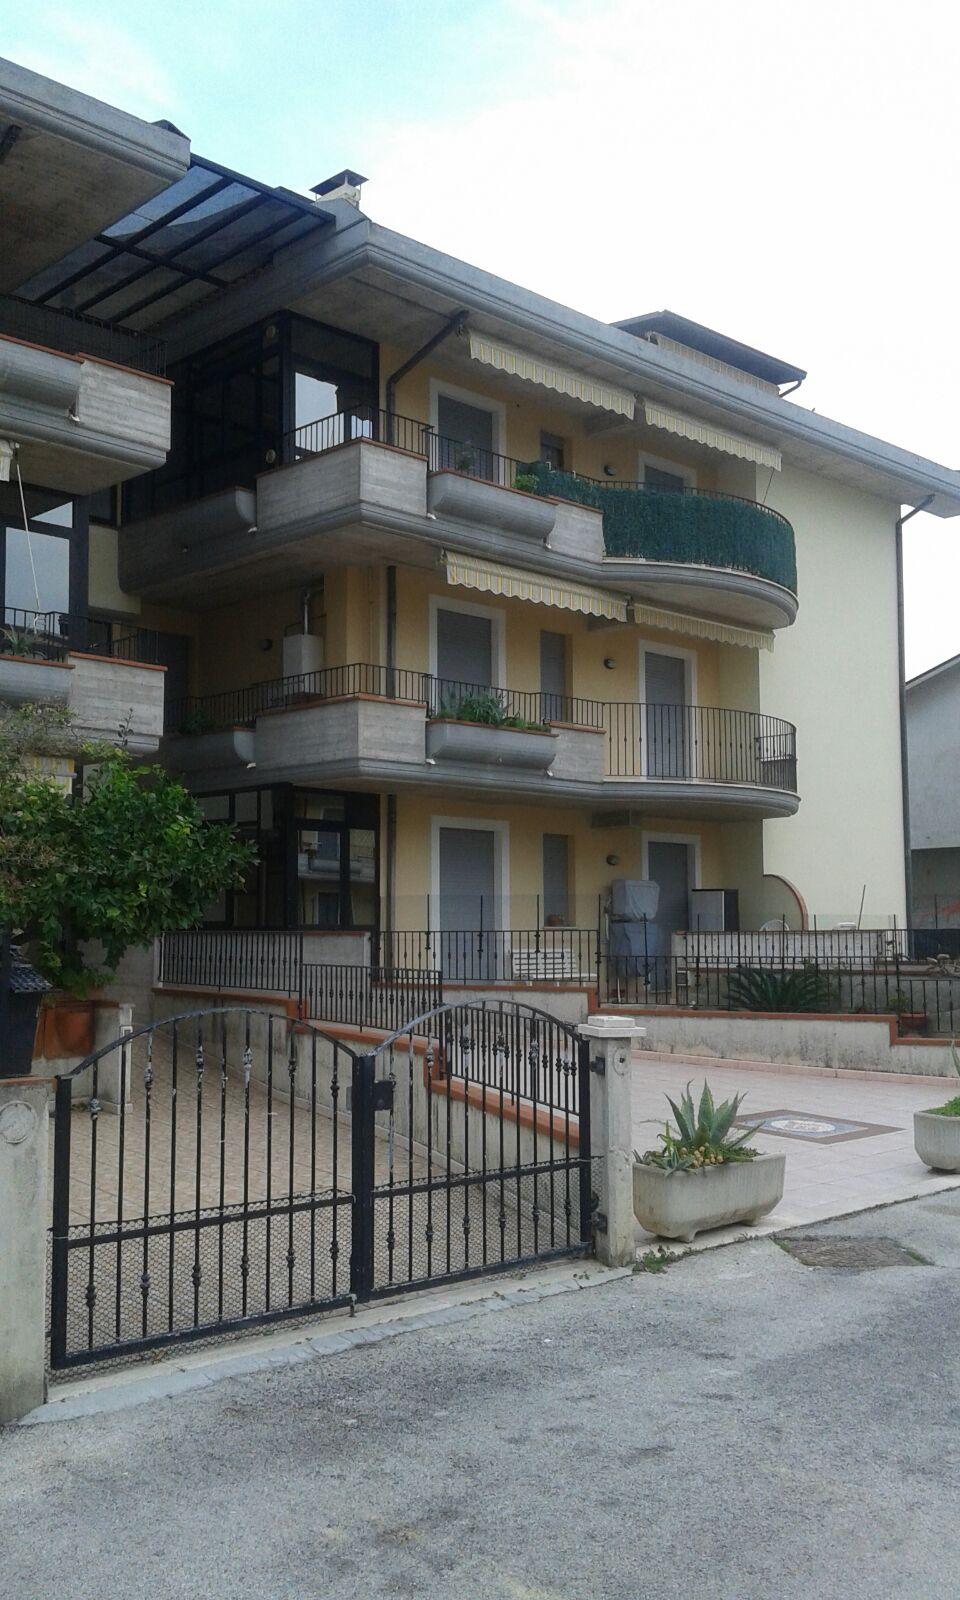 Appartamento in vendita a Martinsicuro, 3 locali, prezzo € 95.000 | Cambio Casa.it